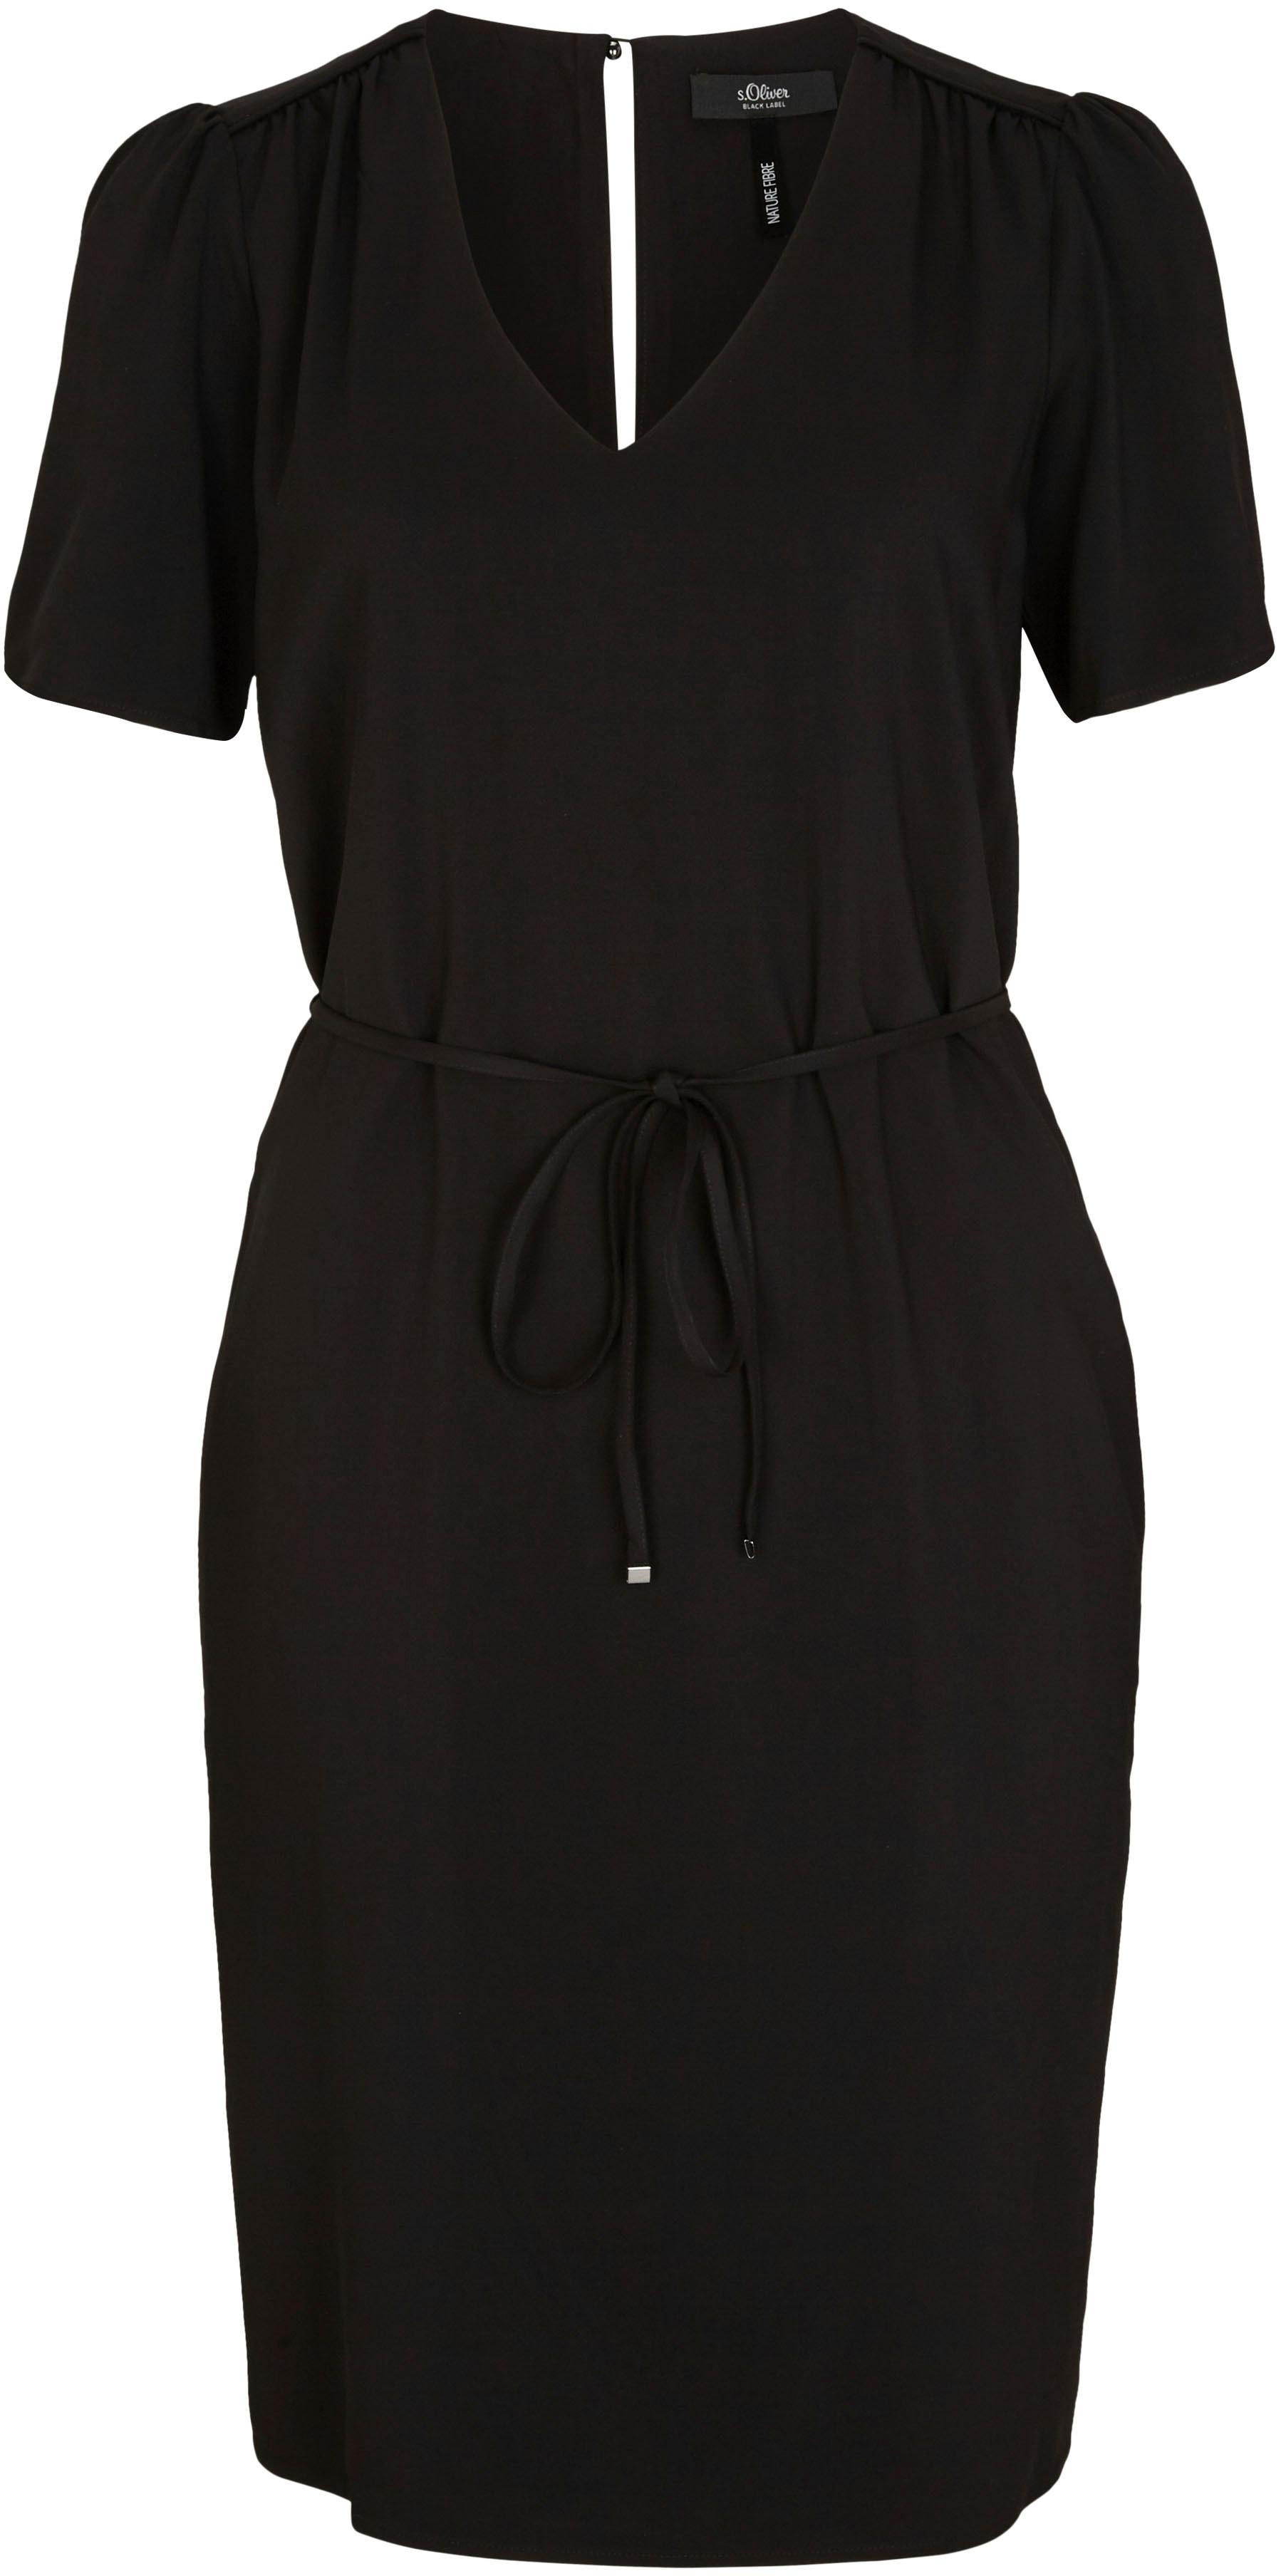 s.oliver black label -  Blusenkleid, in italienischer Länge und mit Bindeband in der Taille